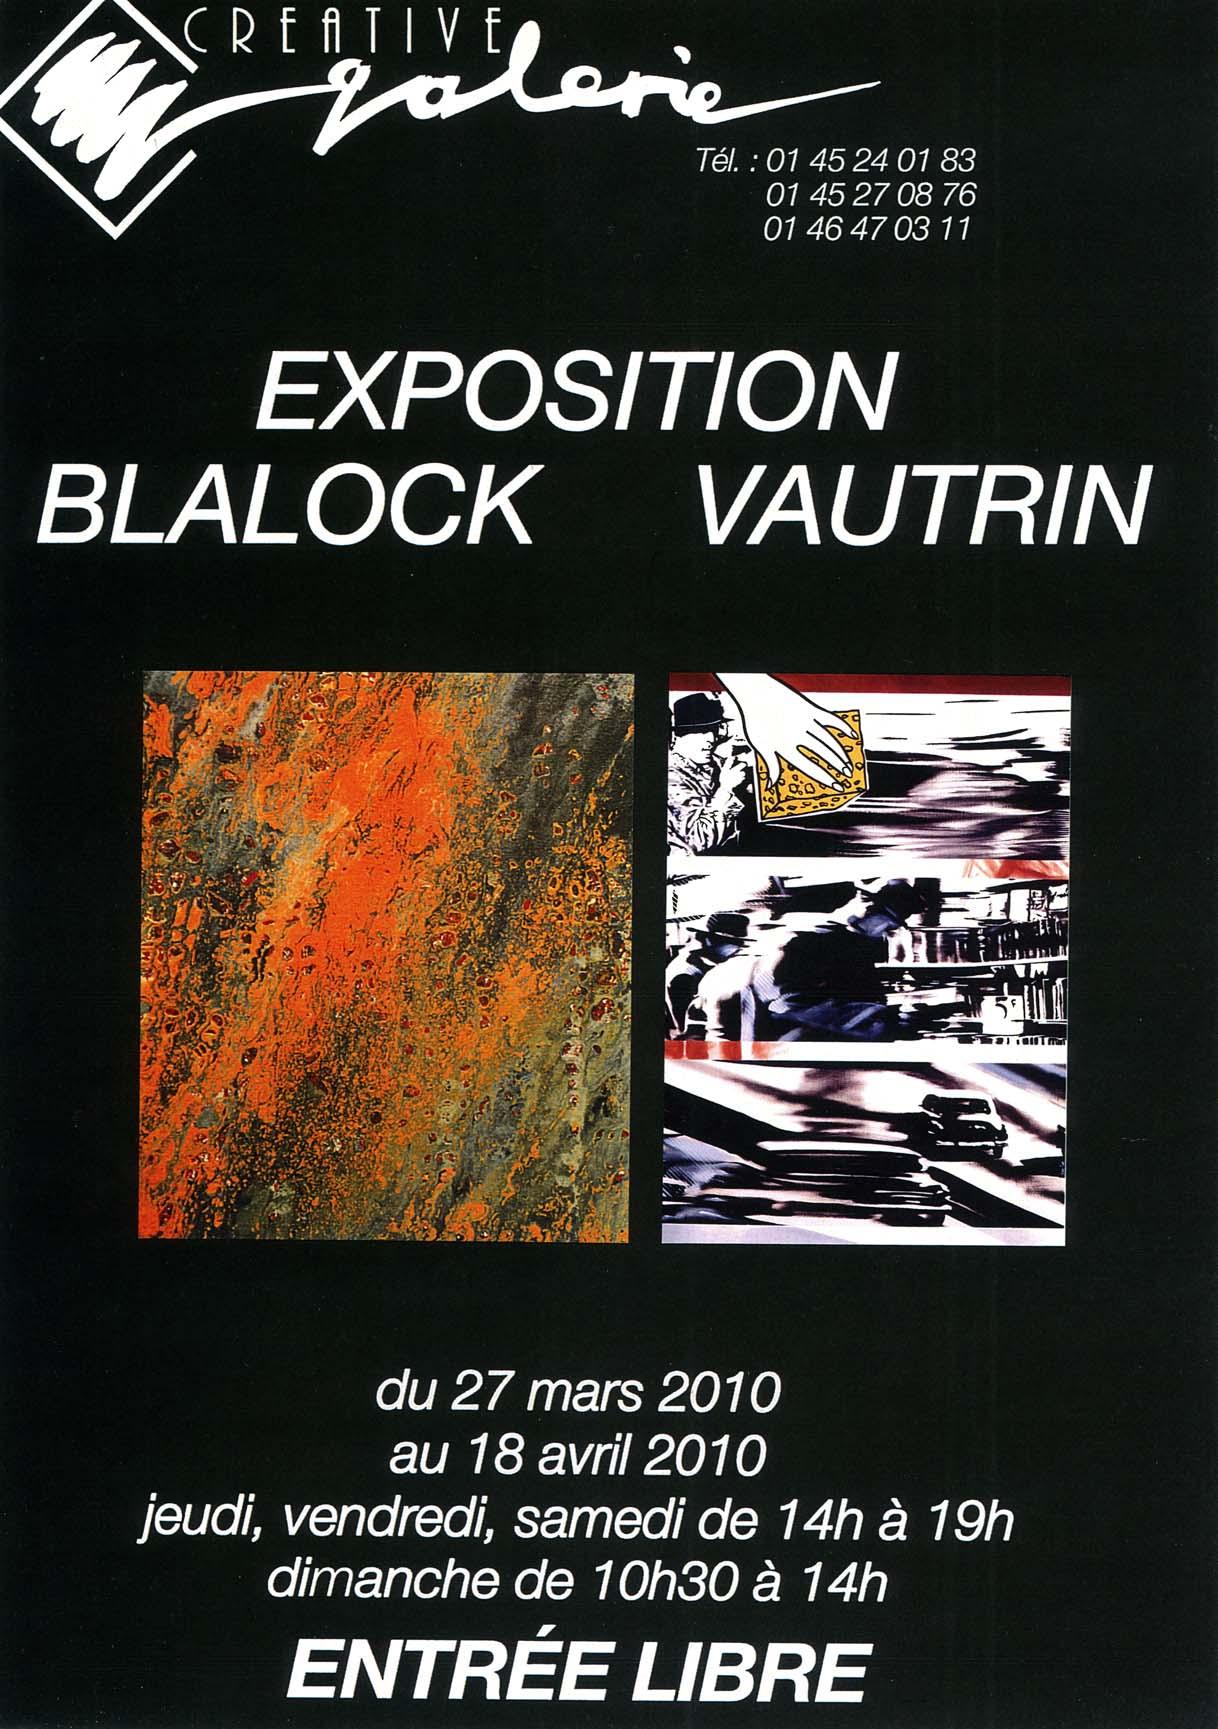 """Créative Galerie Exposition """"Vautrin et Blalock"""" 2010"""